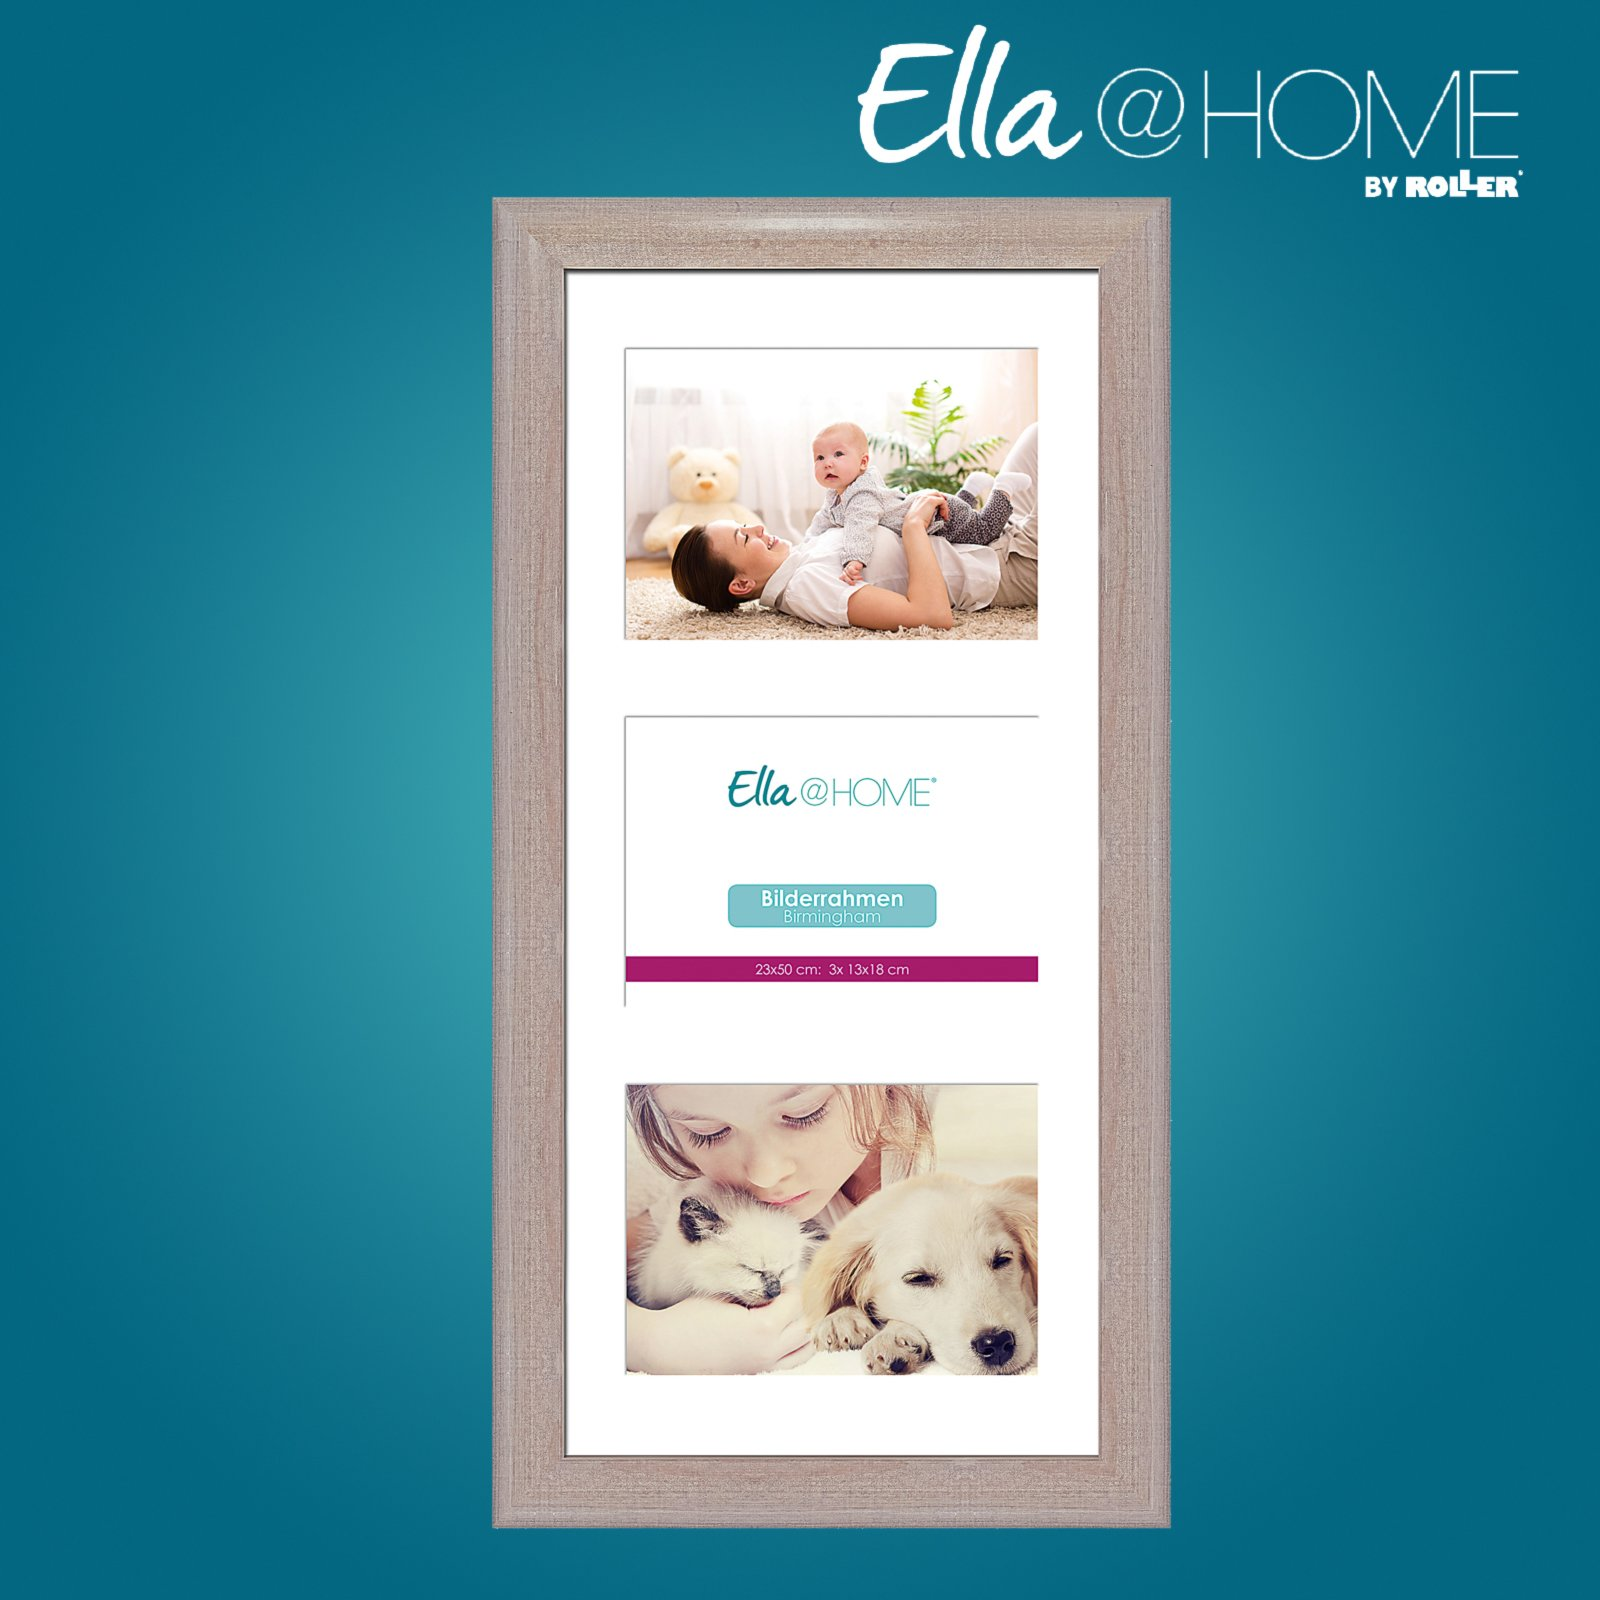 bilderrahmen f r 3 fotos birmingham eiche 23x50 cm bilderrahmen deko wohnaccessoires. Black Bedroom Furniture Sets. Home Design Ideas